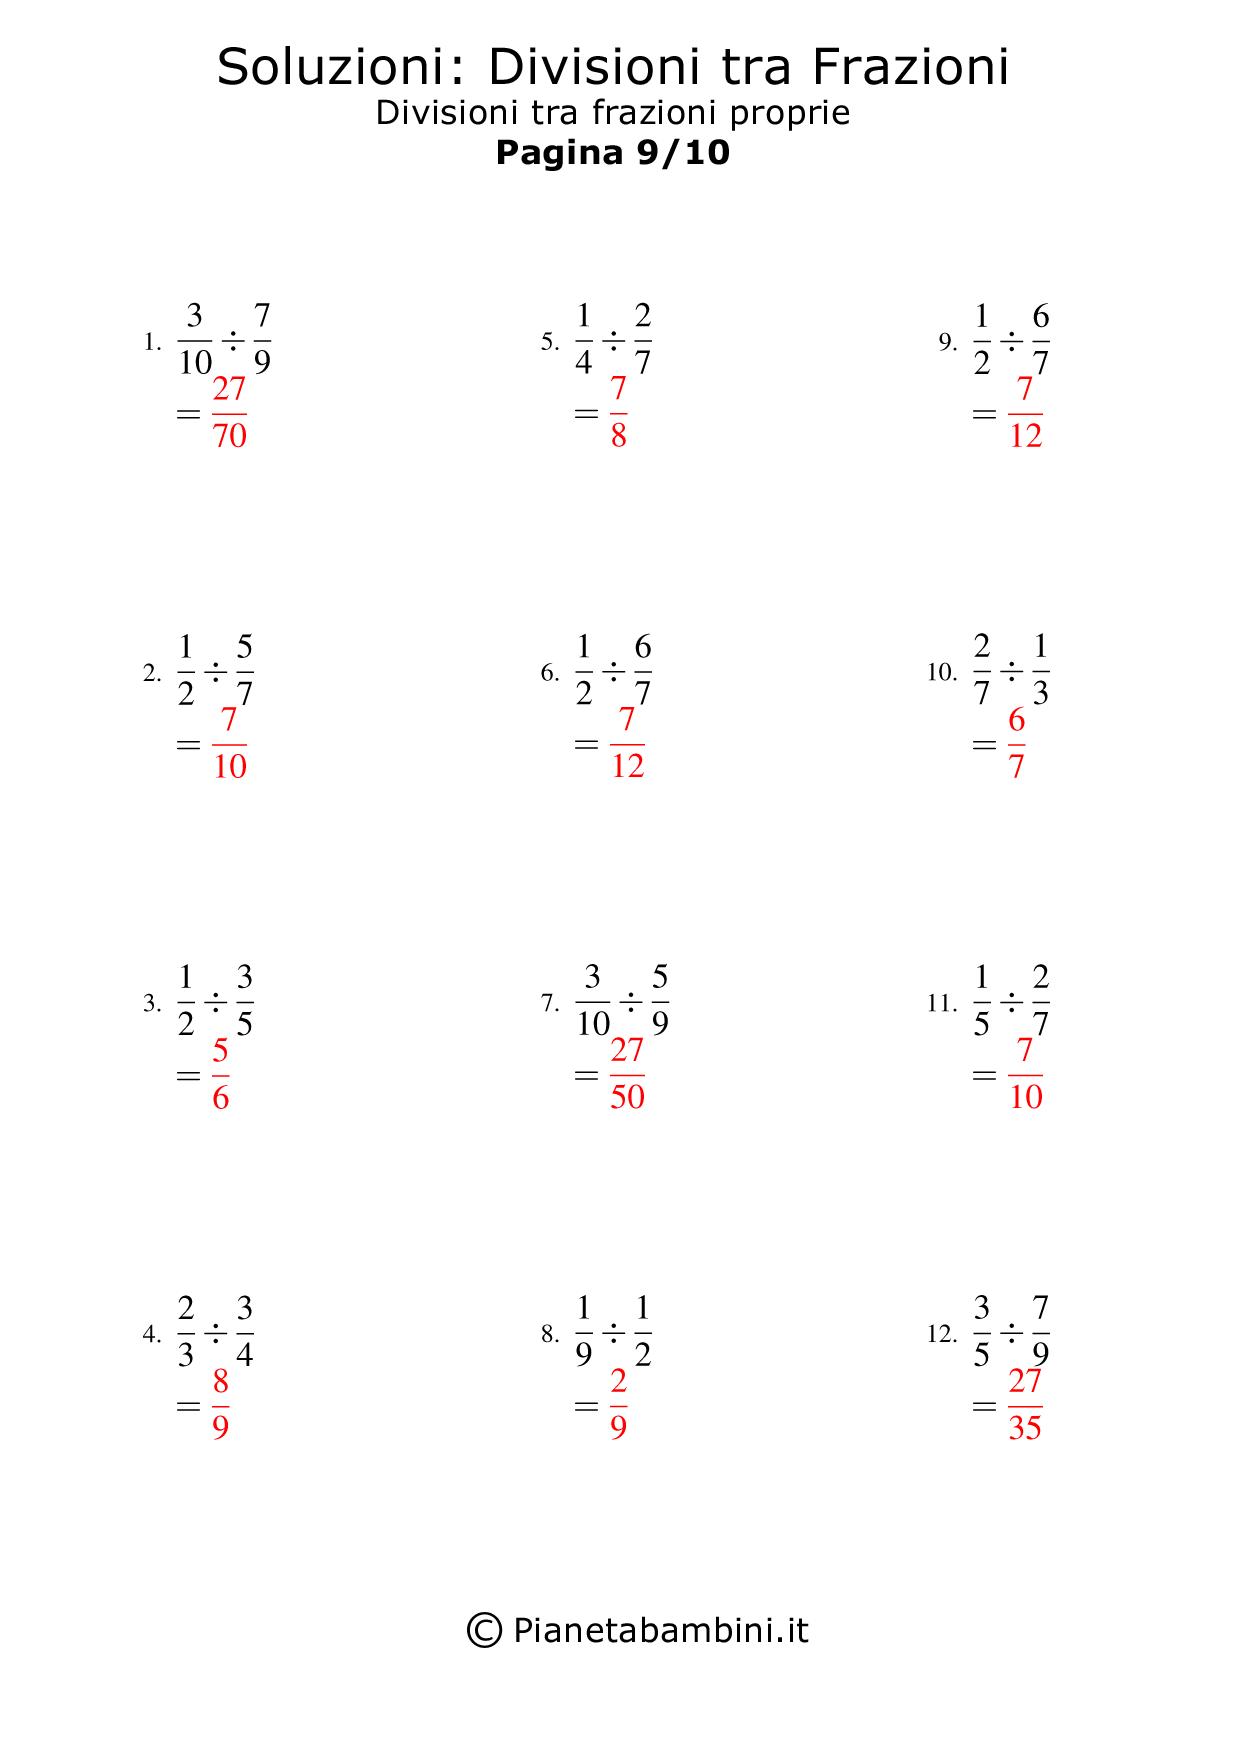 Soluzioni-Divisioni-Frazioni-Proprie_09